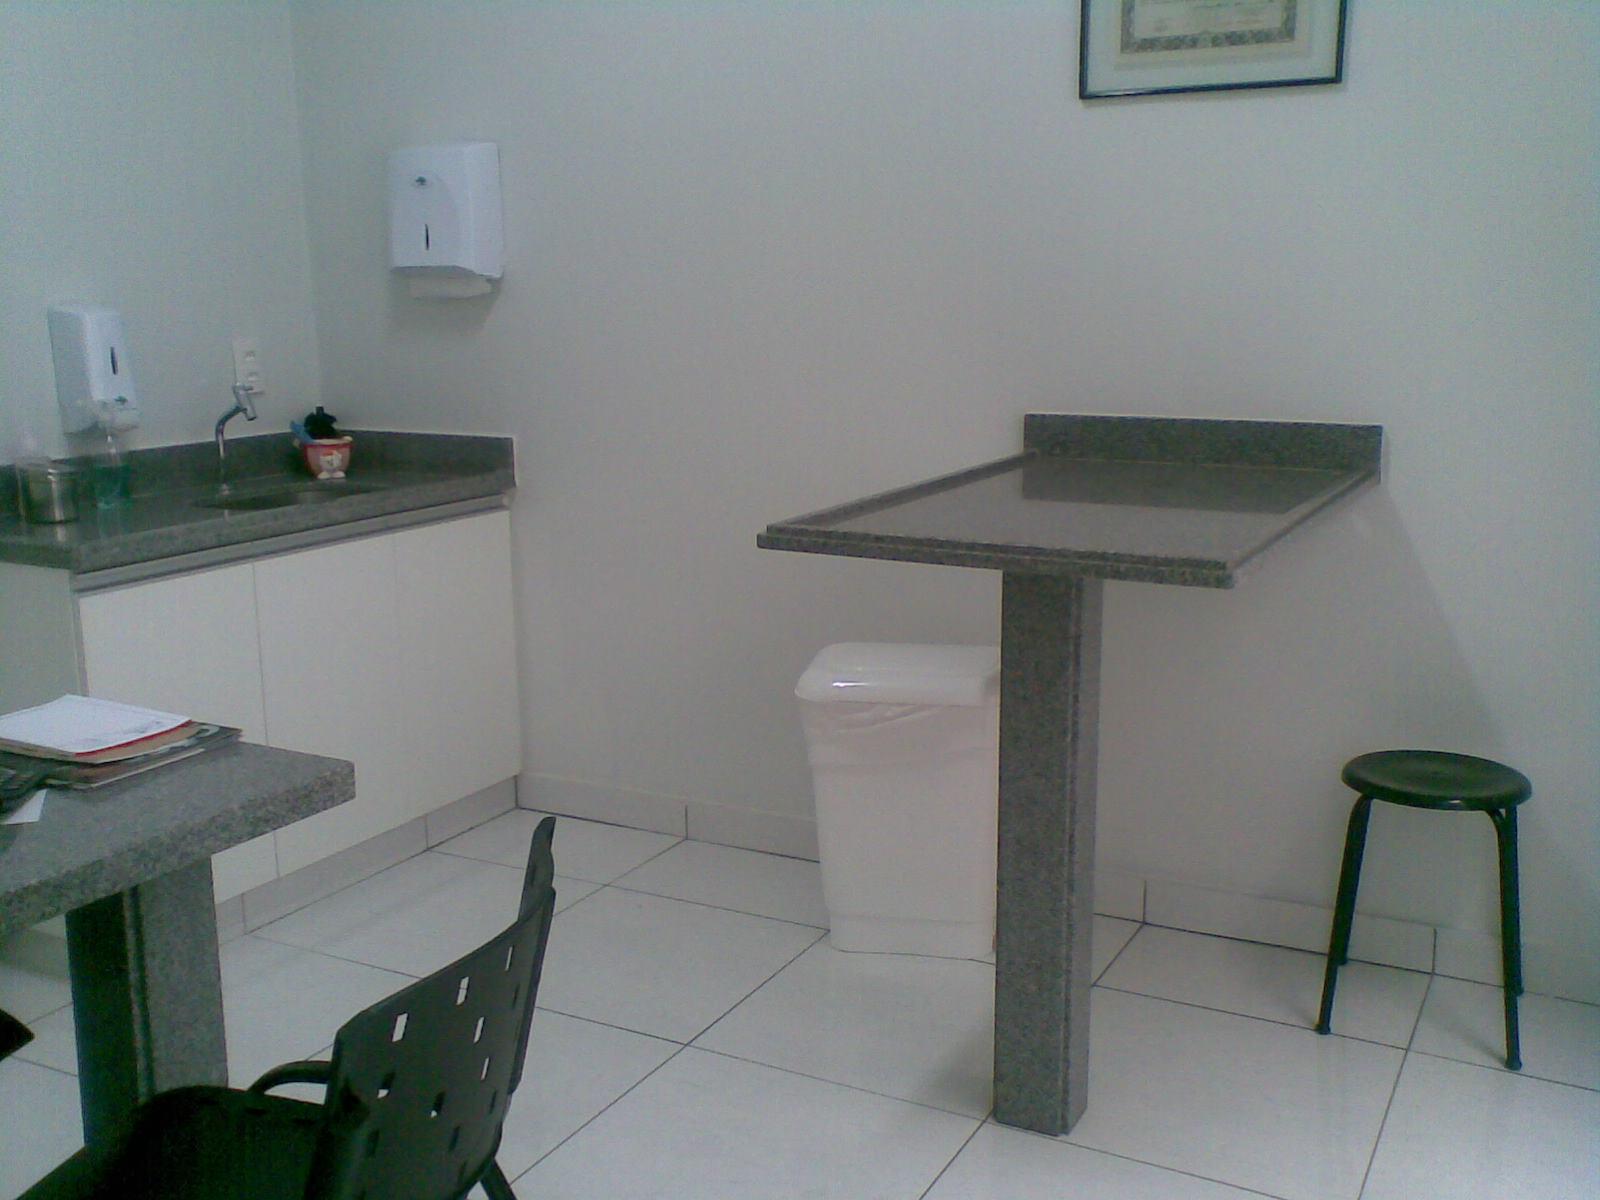 Imagens de #445059 Consultórios especializados com macas em granito de fácil  1600x1200 px 3366 Bloco Cad Sinalização Banheiro